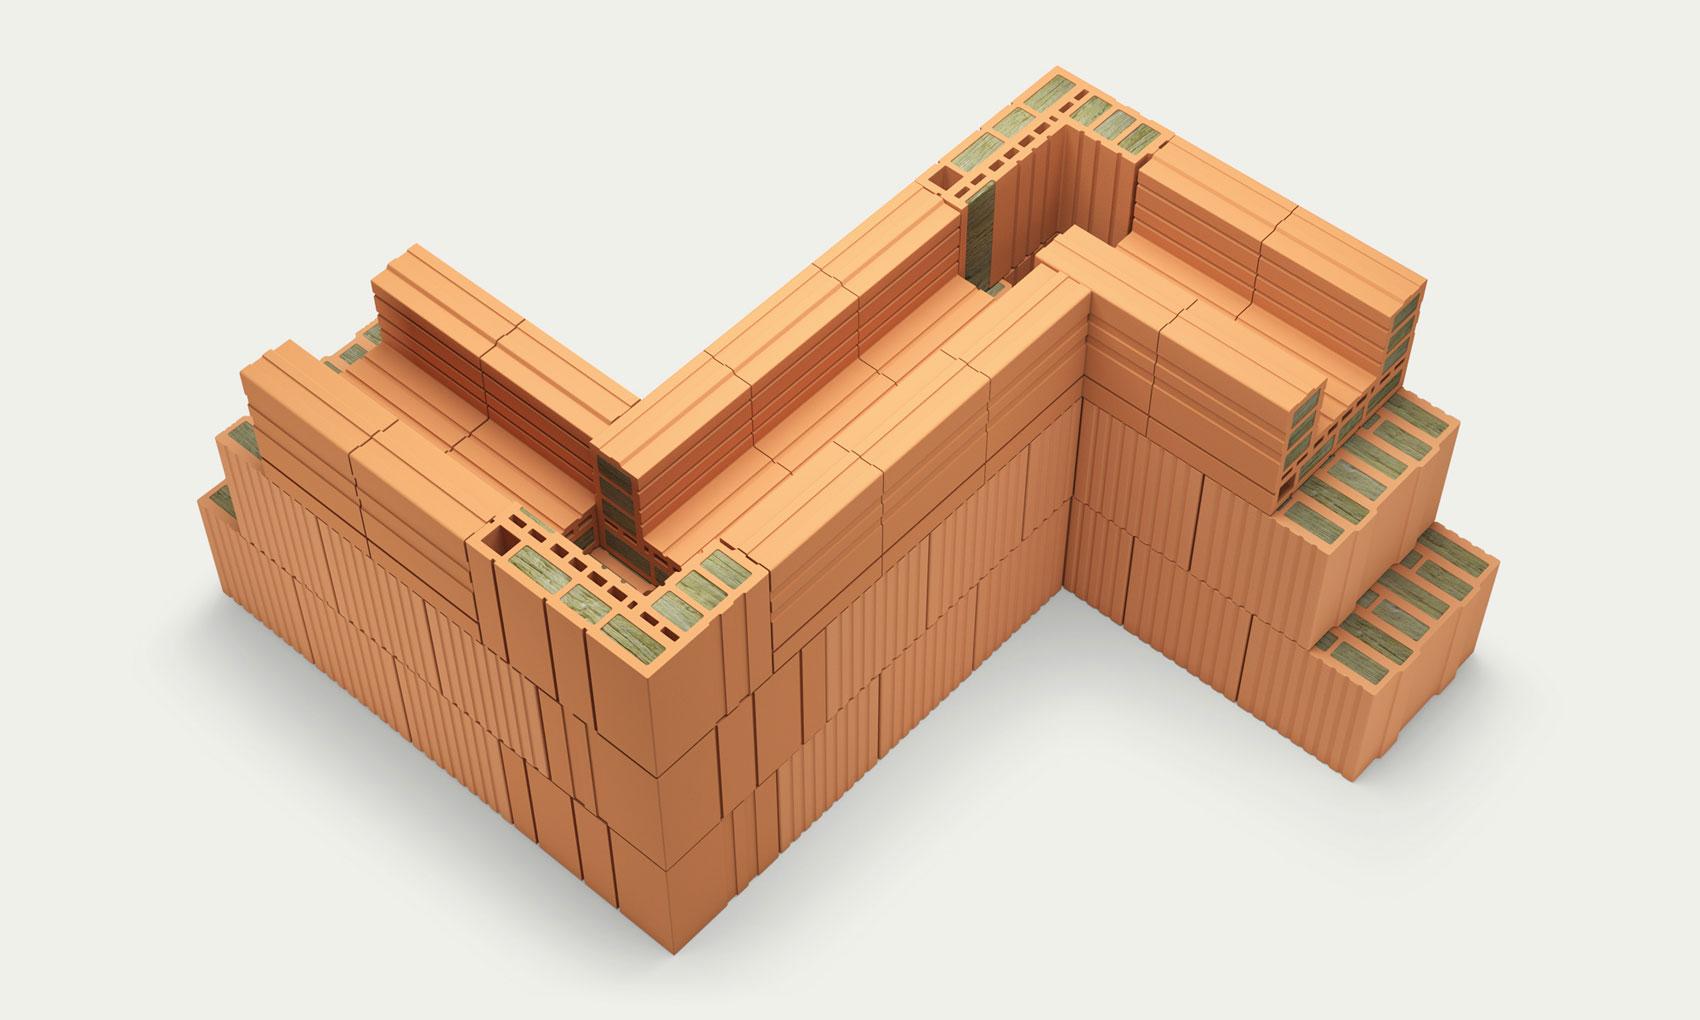 brique-climamur36-wienerberger-12